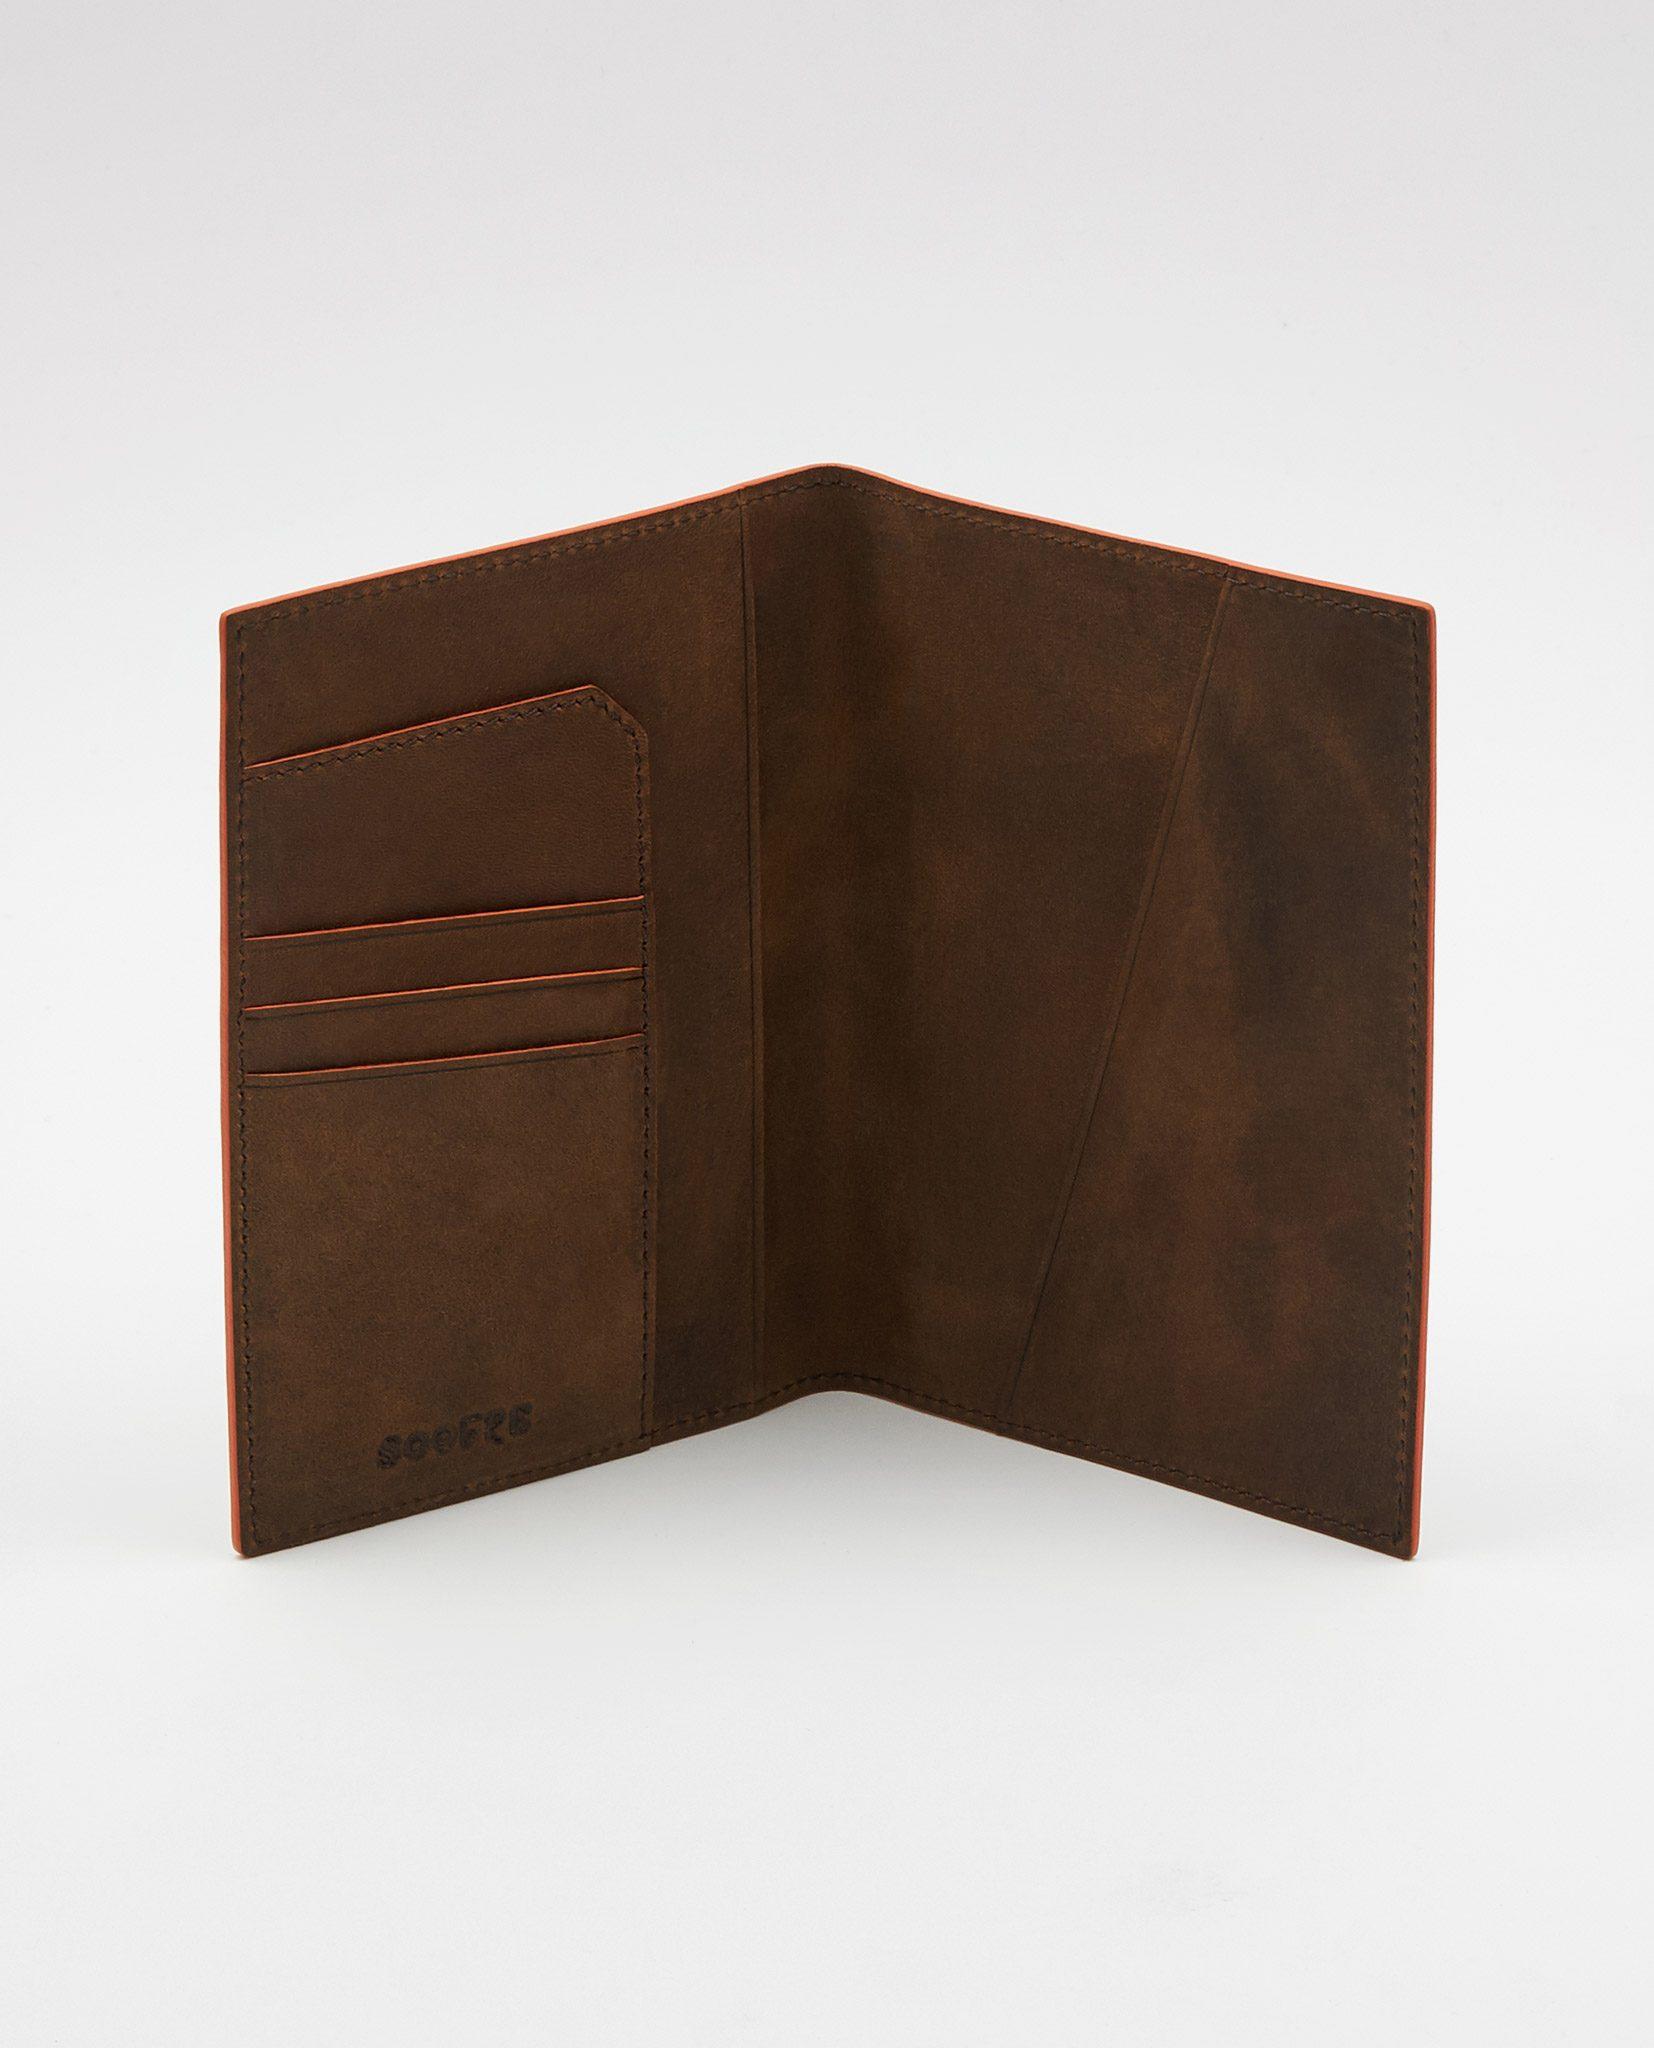 Soofre_Passport-Holder_Brown-Orange_2